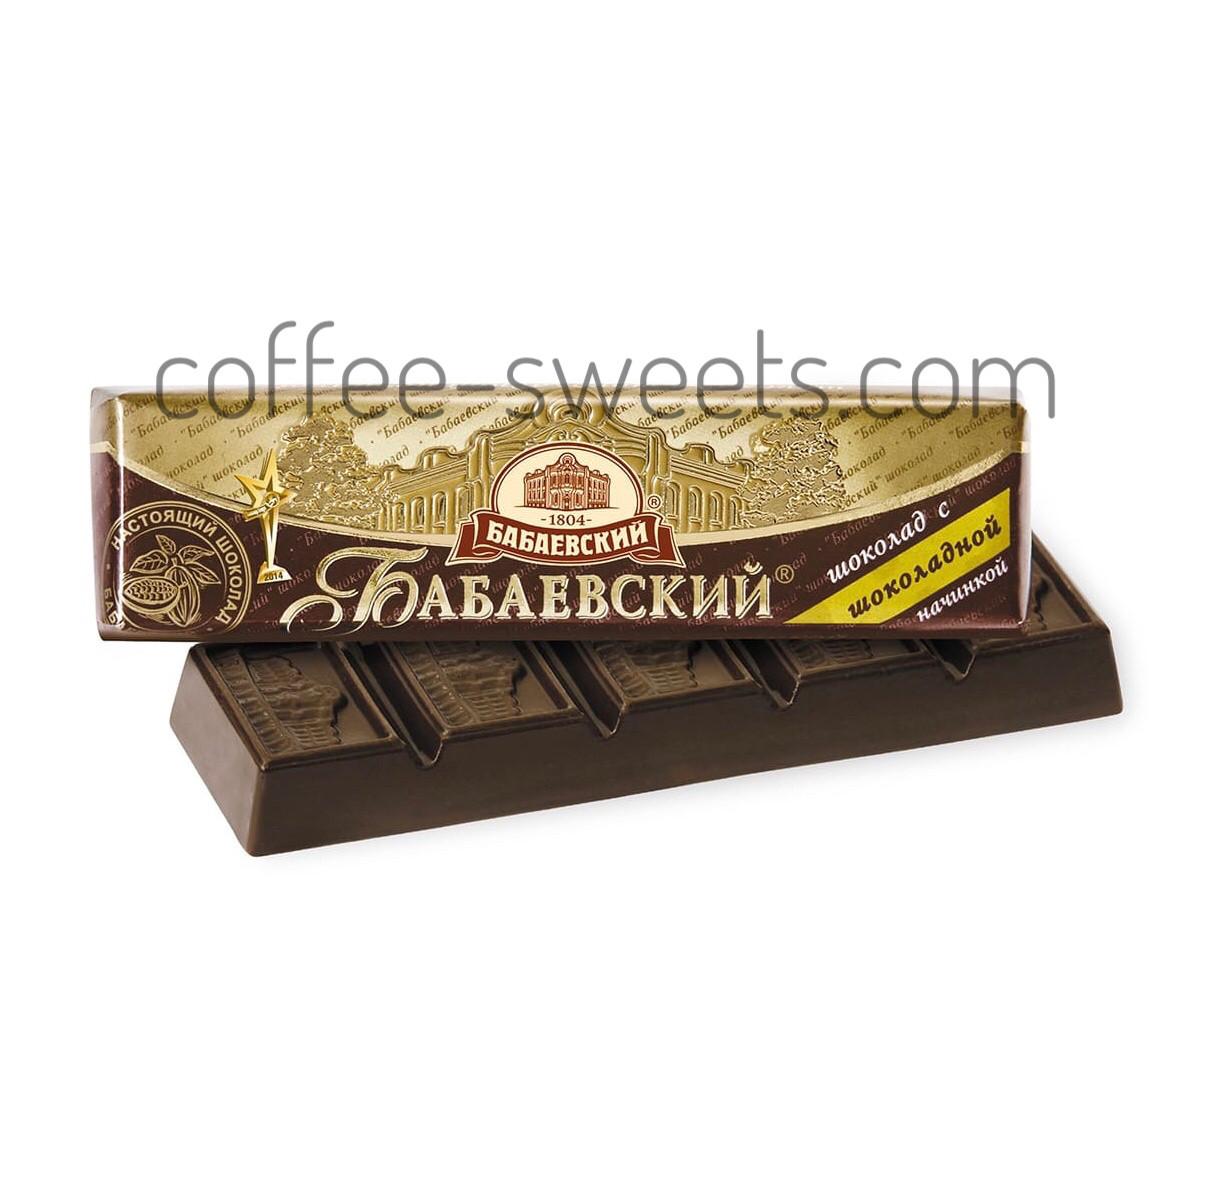 Батончик с шоколадной начинкой Бабаевский 50гр